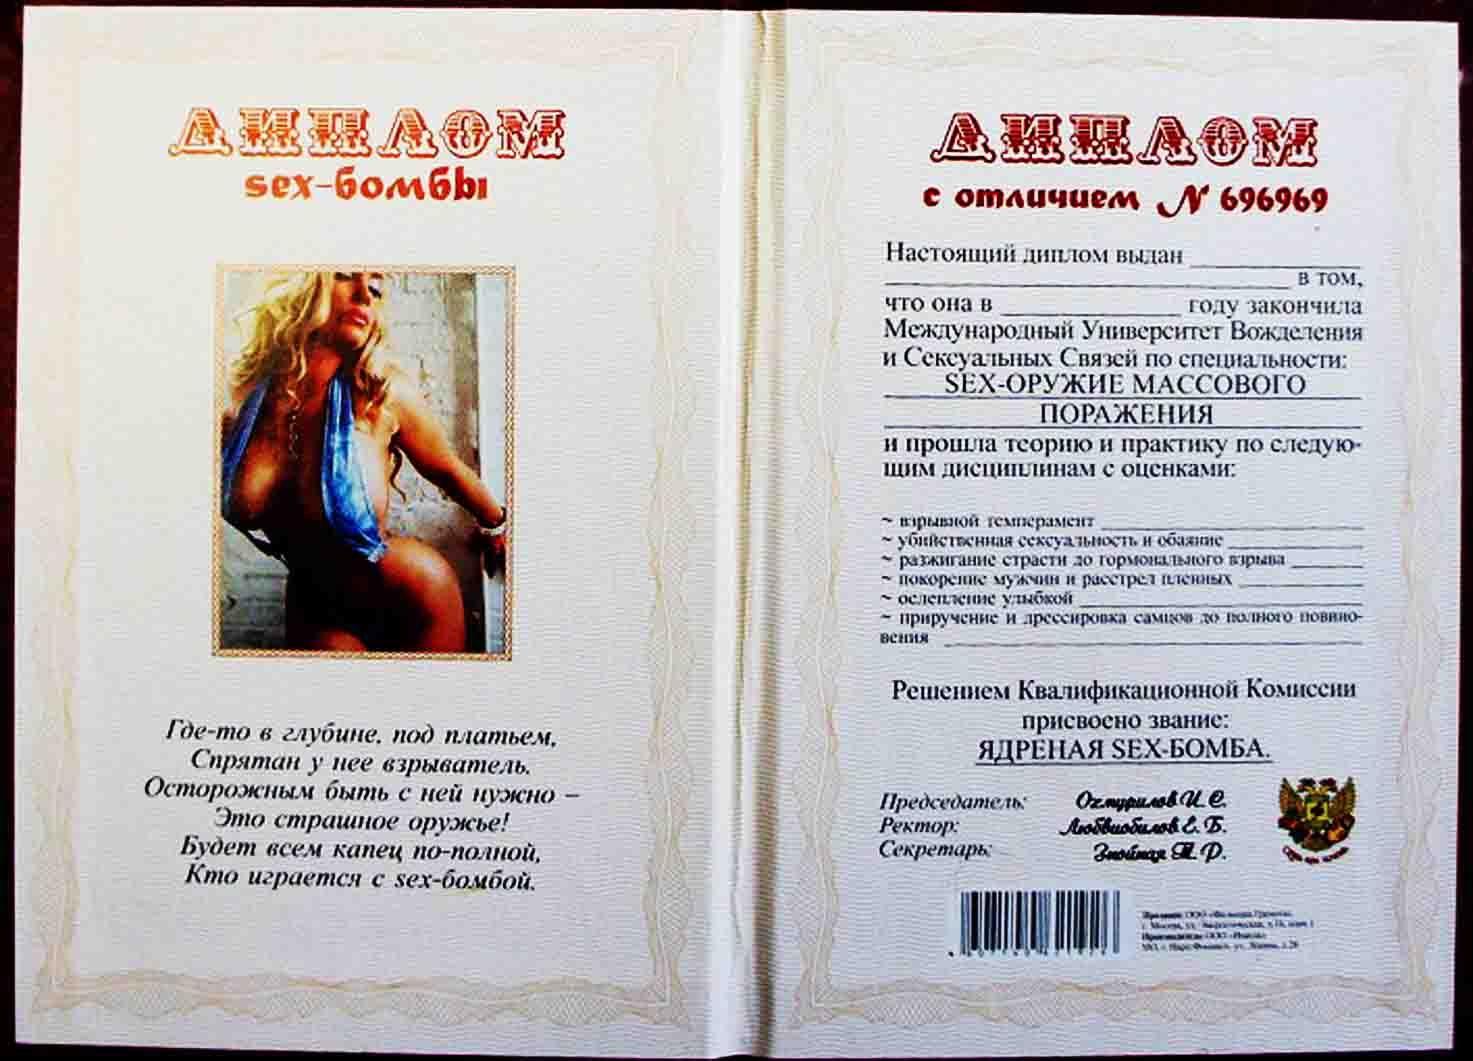 diplom-po-prostitutsii